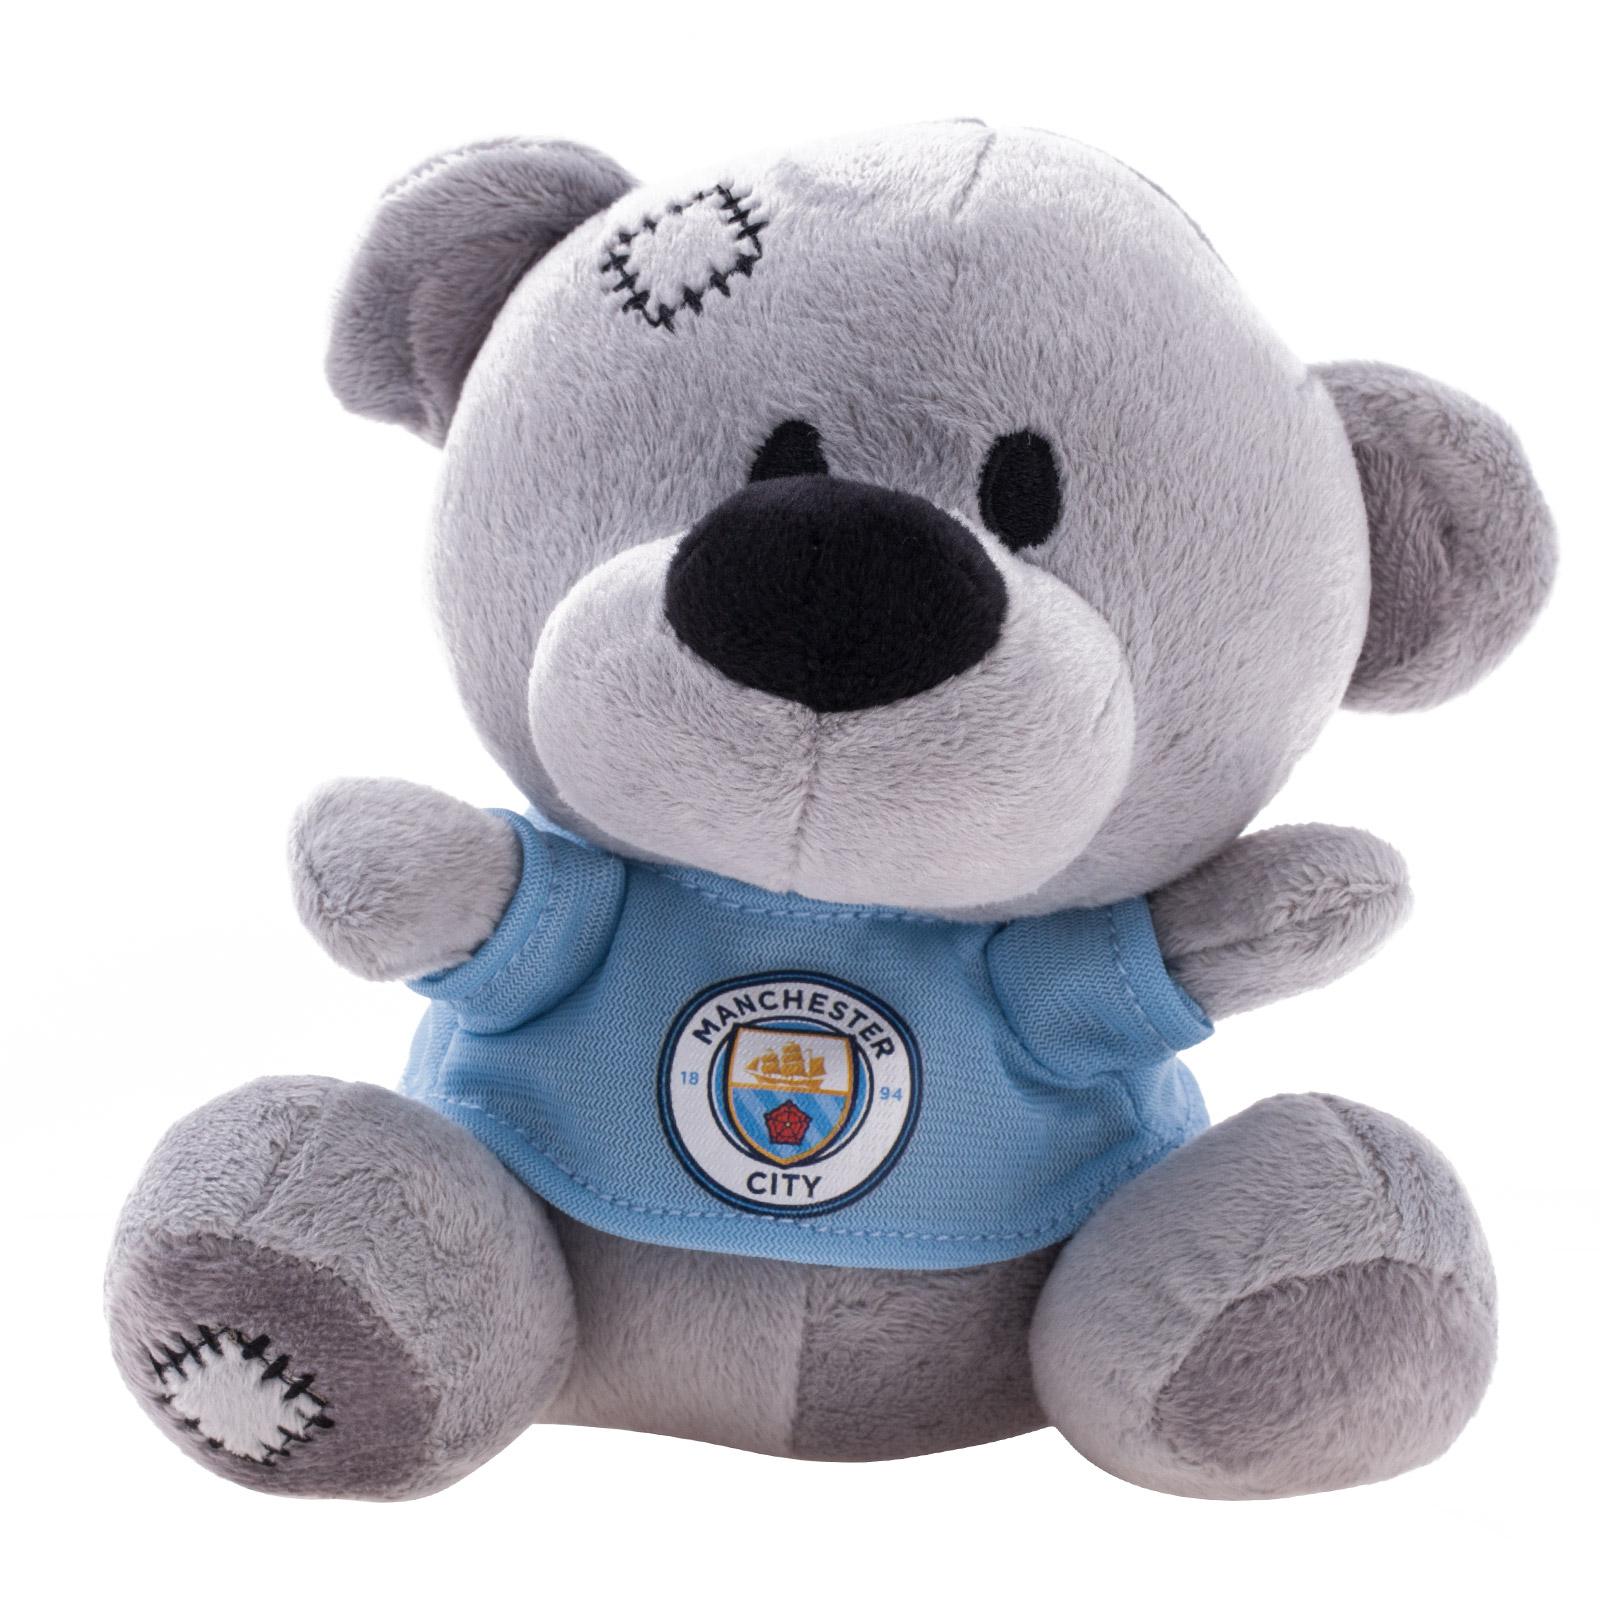 ตุ๊กตาหมีทิมมี่แมนเชสเตอร์ ซิตี้